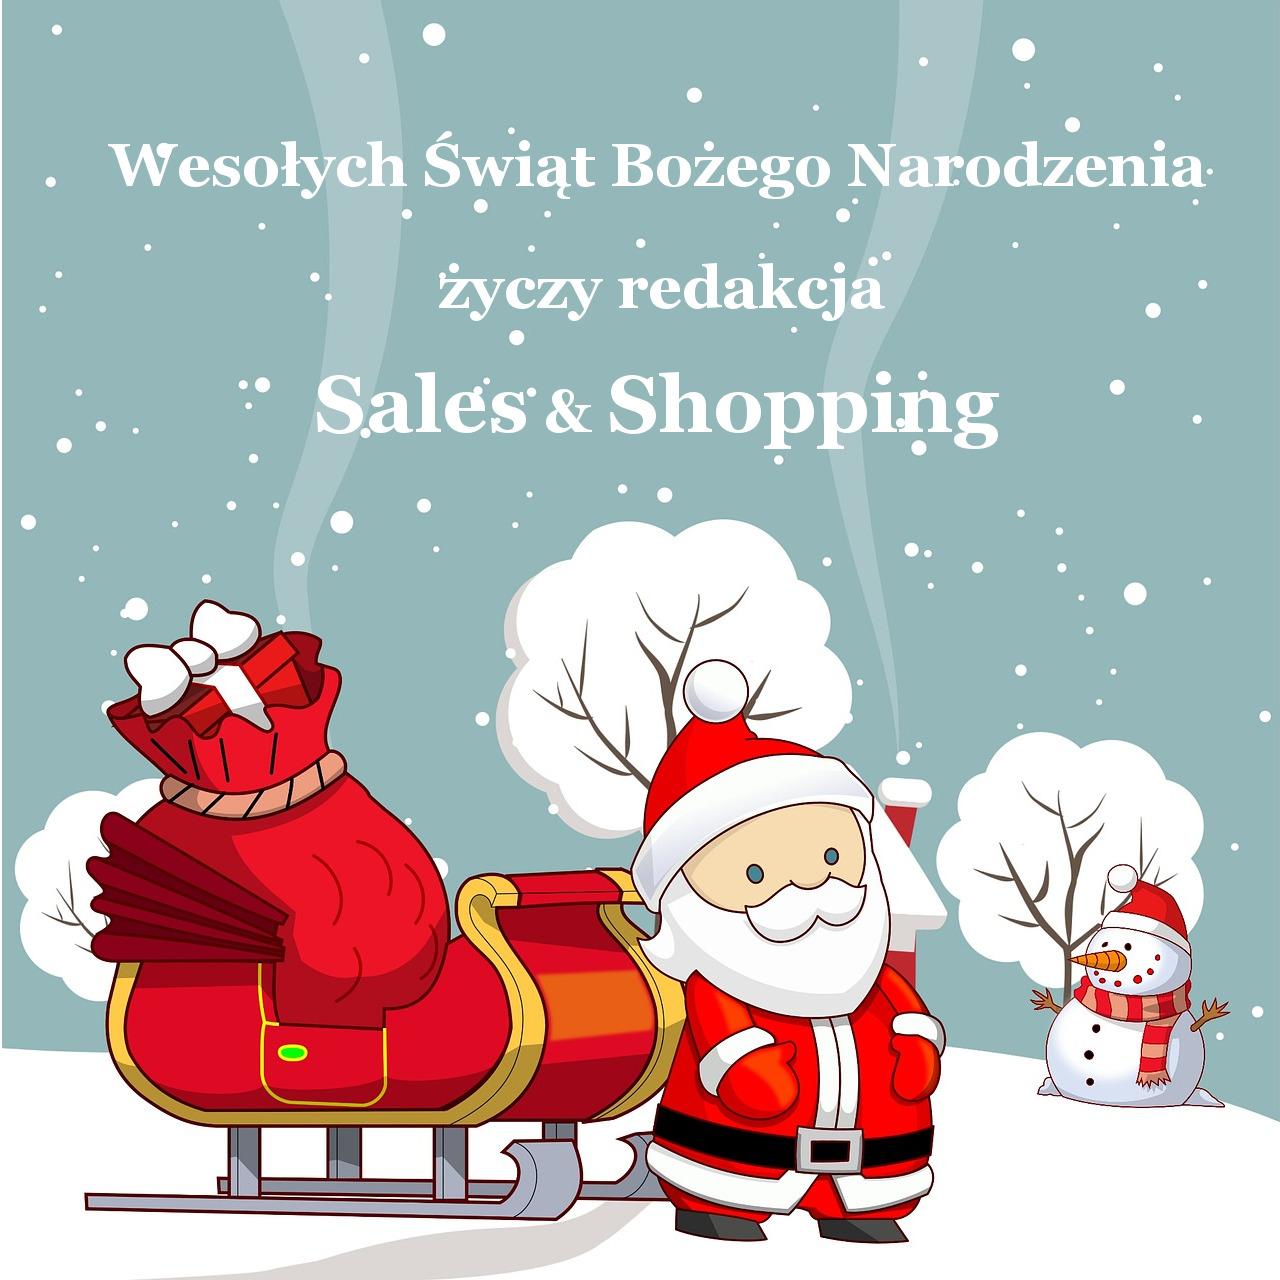 Wesołych Świąt Bożego Narodzenia i Szczęśliwego Nowego 2018 Roku!